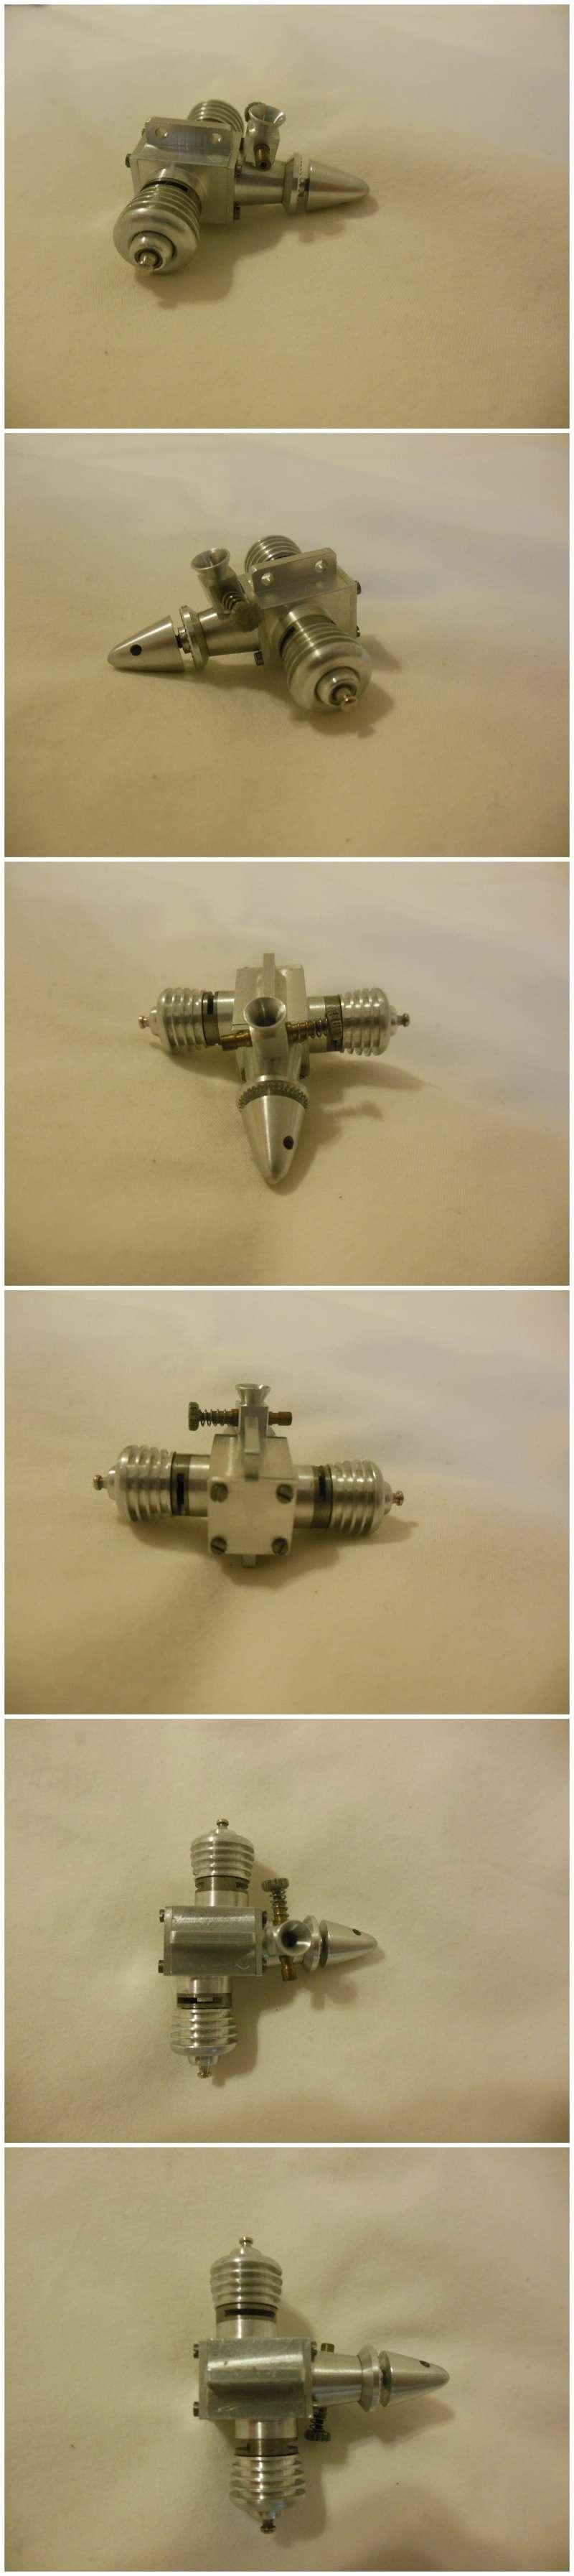 Rasant Twin Glow engines 0.98cc x 2 Rasant12